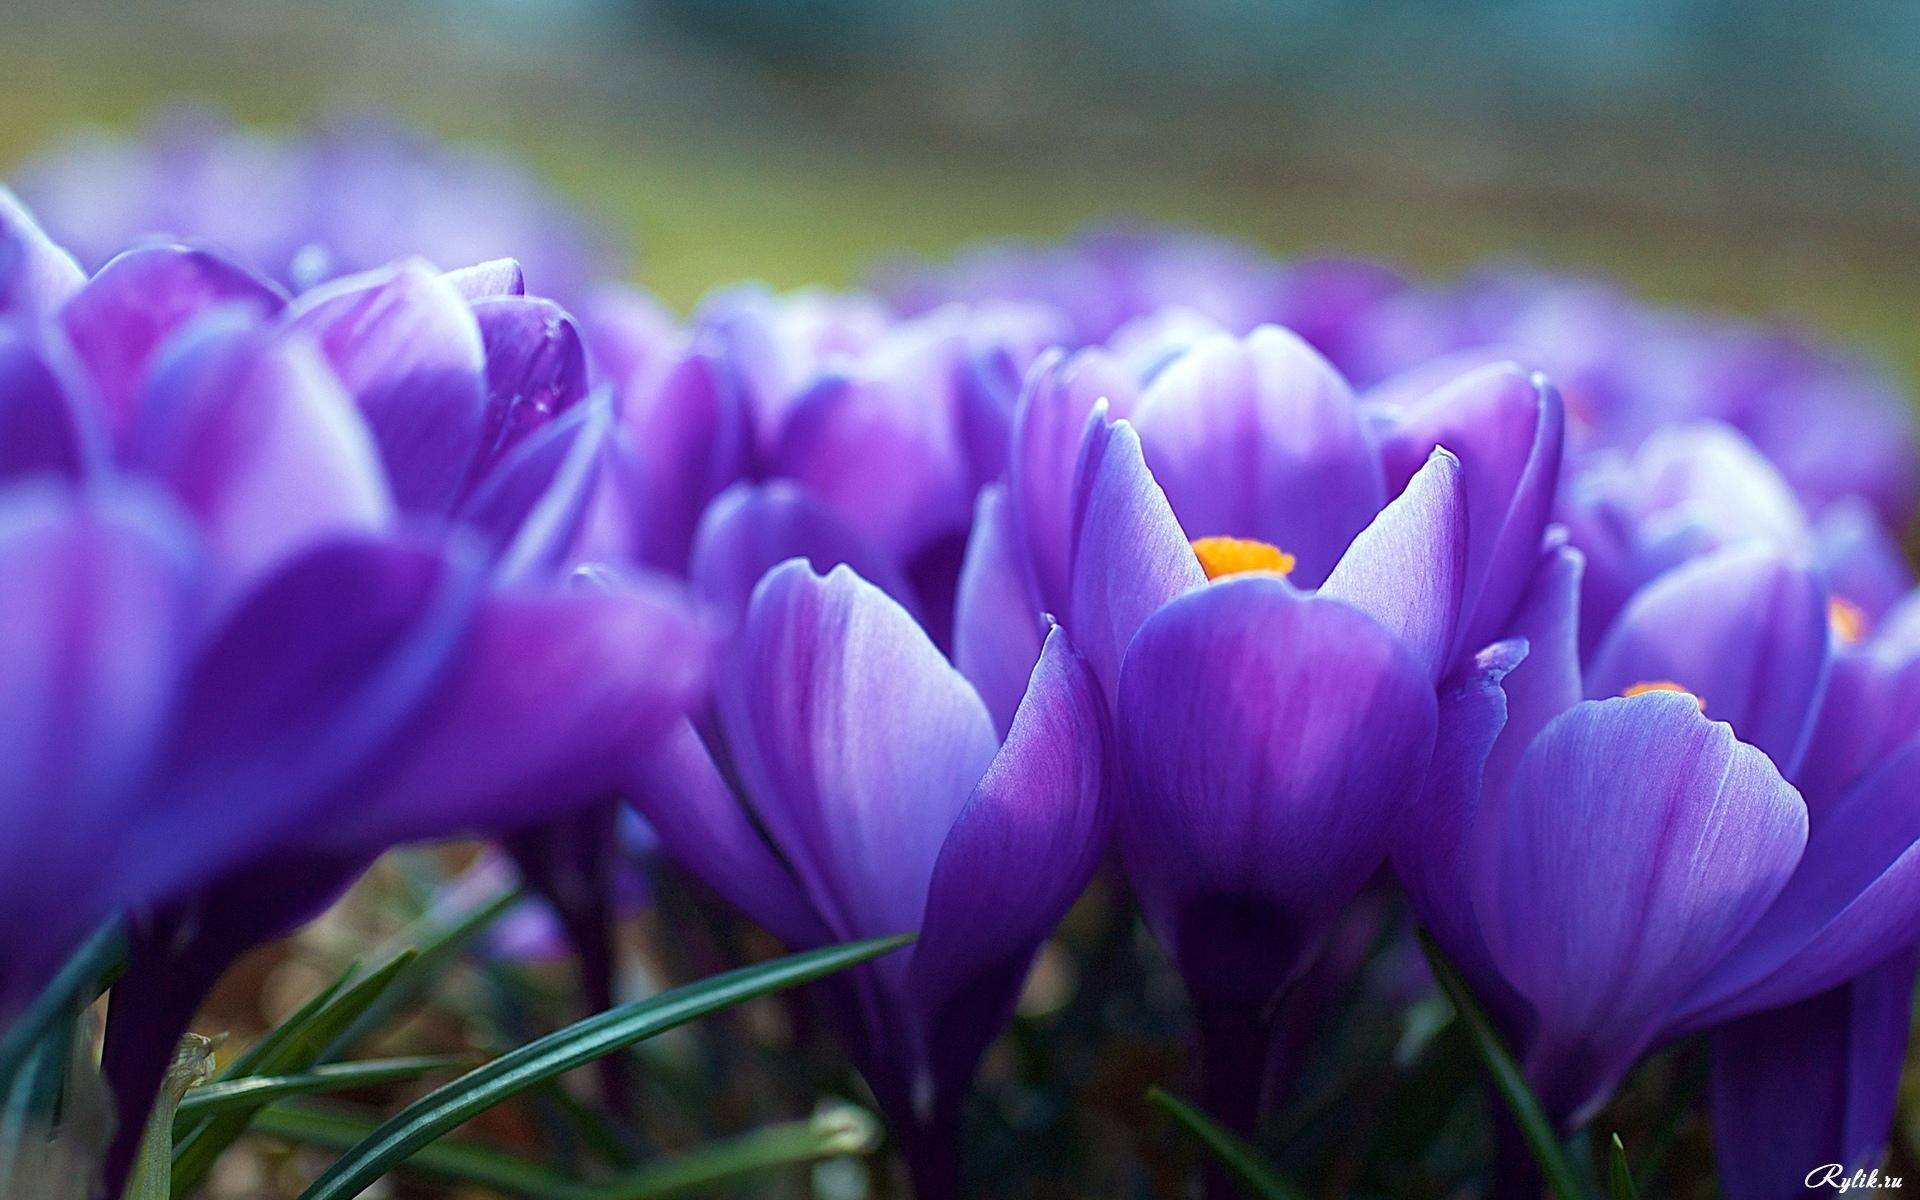 20345 скачать обои Растения, Цветы - заставки и картинки бесплатно